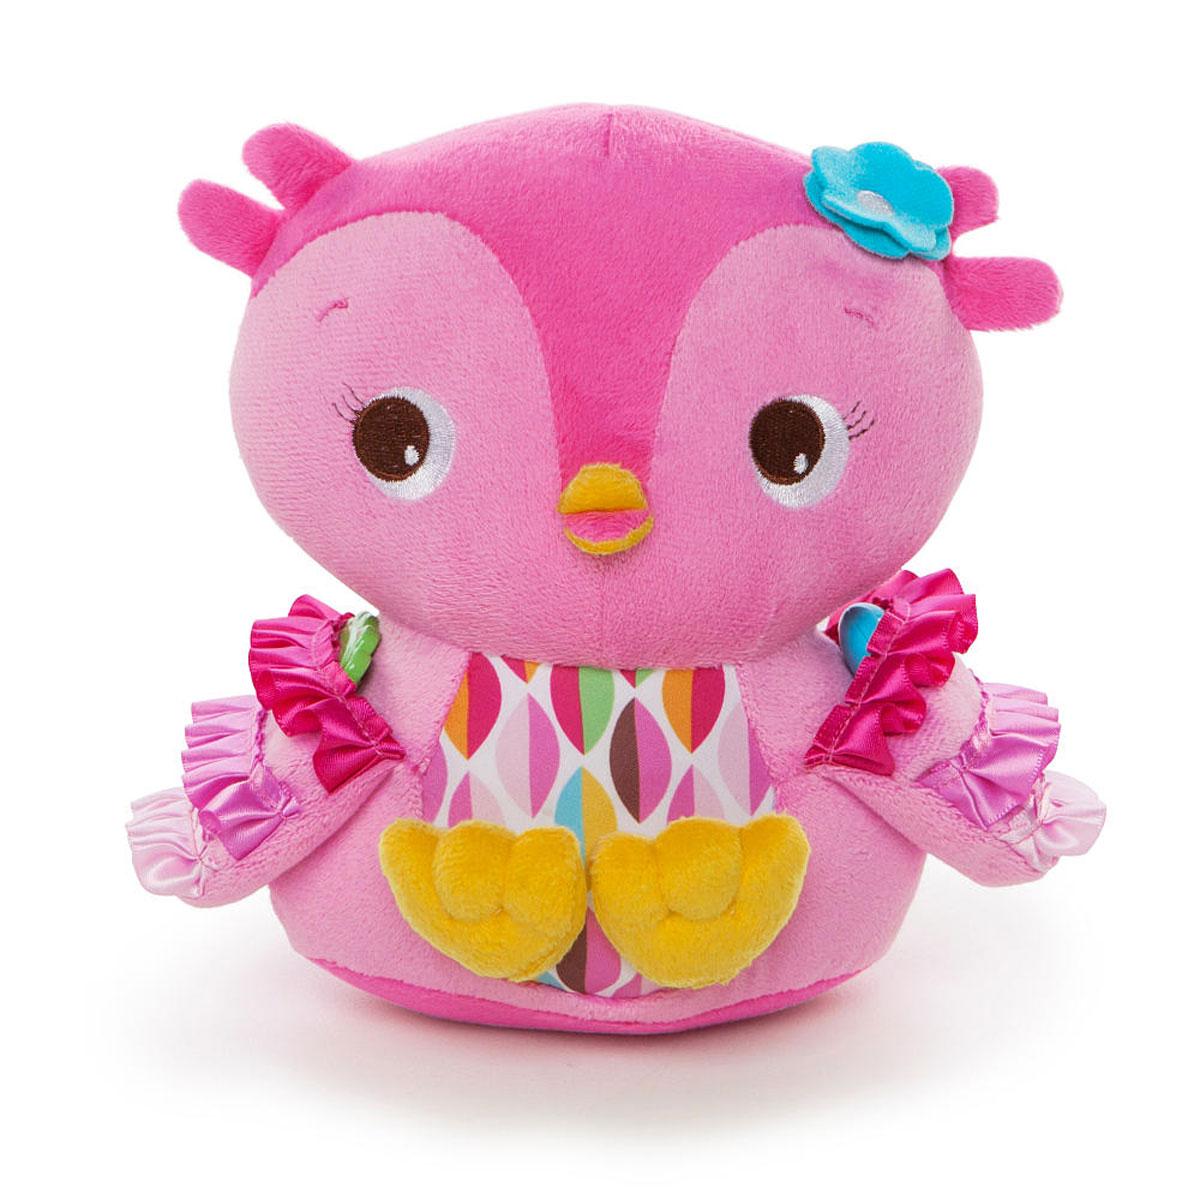 Bright Starts Развивающая игрушка Совушка52032BSРазвивающая игрушка Совушка выглядит невероятно привлекательно для малышей, ведь сшита она из яркой плюшевой ткани, которую так приятно брать в руки. Животик у игрушечной птички шелестит, если его потрогать. Внутри Совушки спрятаны пластиковые шарики, поэтому игрушку можно использовать и как погремушку, чтобы успокоить ребенка или отвлечь его внимание от шалостей. Забавная птичка очень запаслива, поэтому у нее есть крылья-кармашки, куда можно складывать небольшие предметы из игрушечной коллекции малыша. Игрушка дополнена безопасным зеркалом и цветком-погремушкой. Игрушка развивает цветовое и звуковое восприятие, тактильные ощущения и моторику рук.